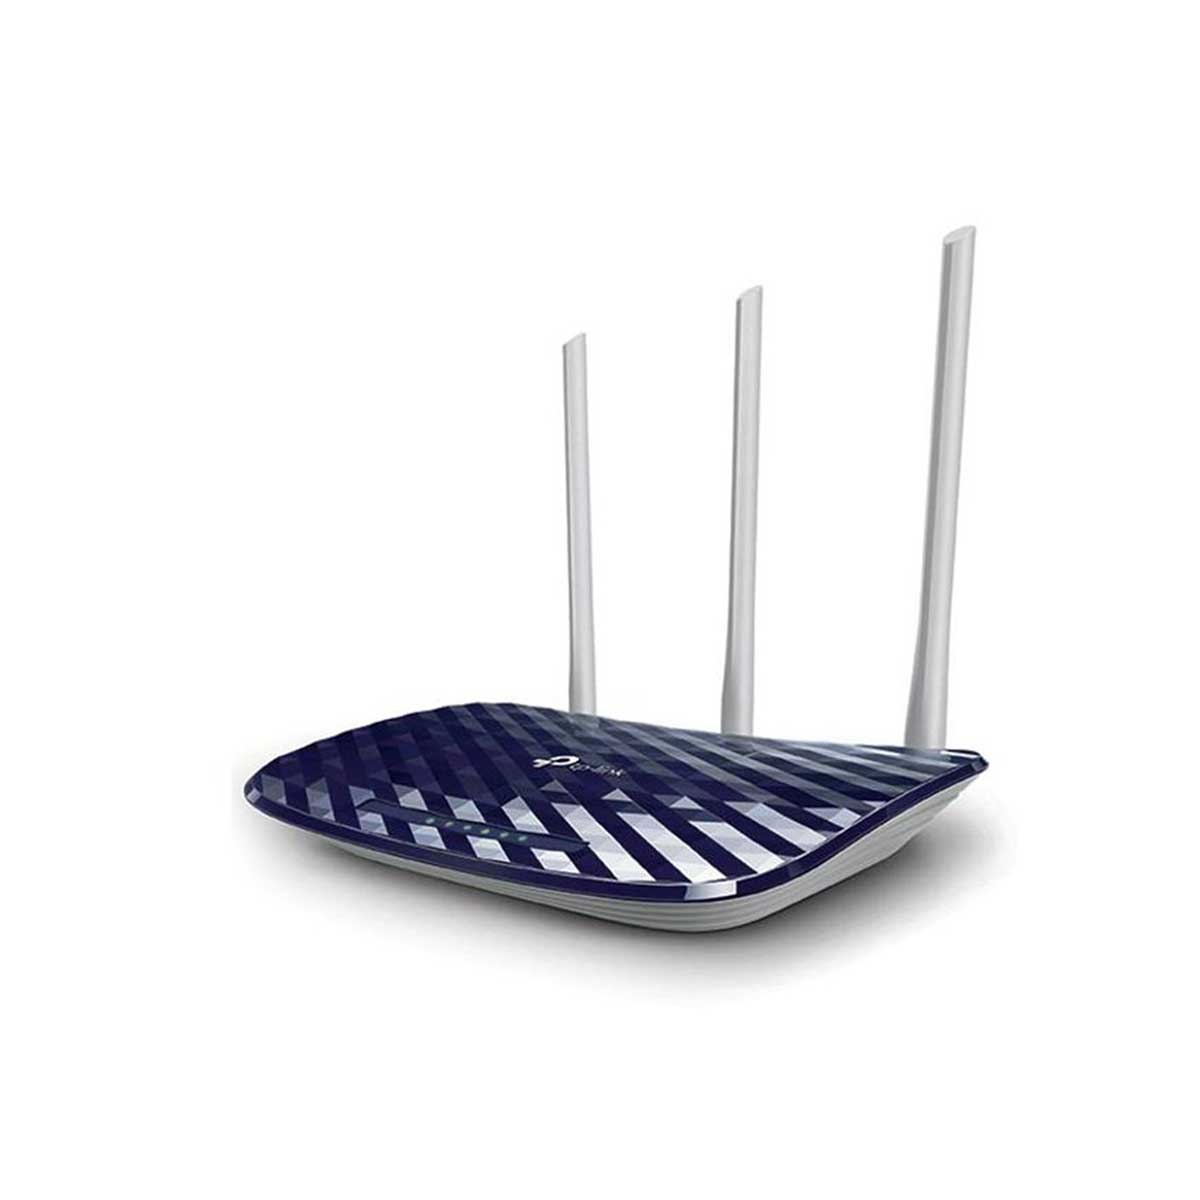 Router TP-Link AC750 Inalámbrico